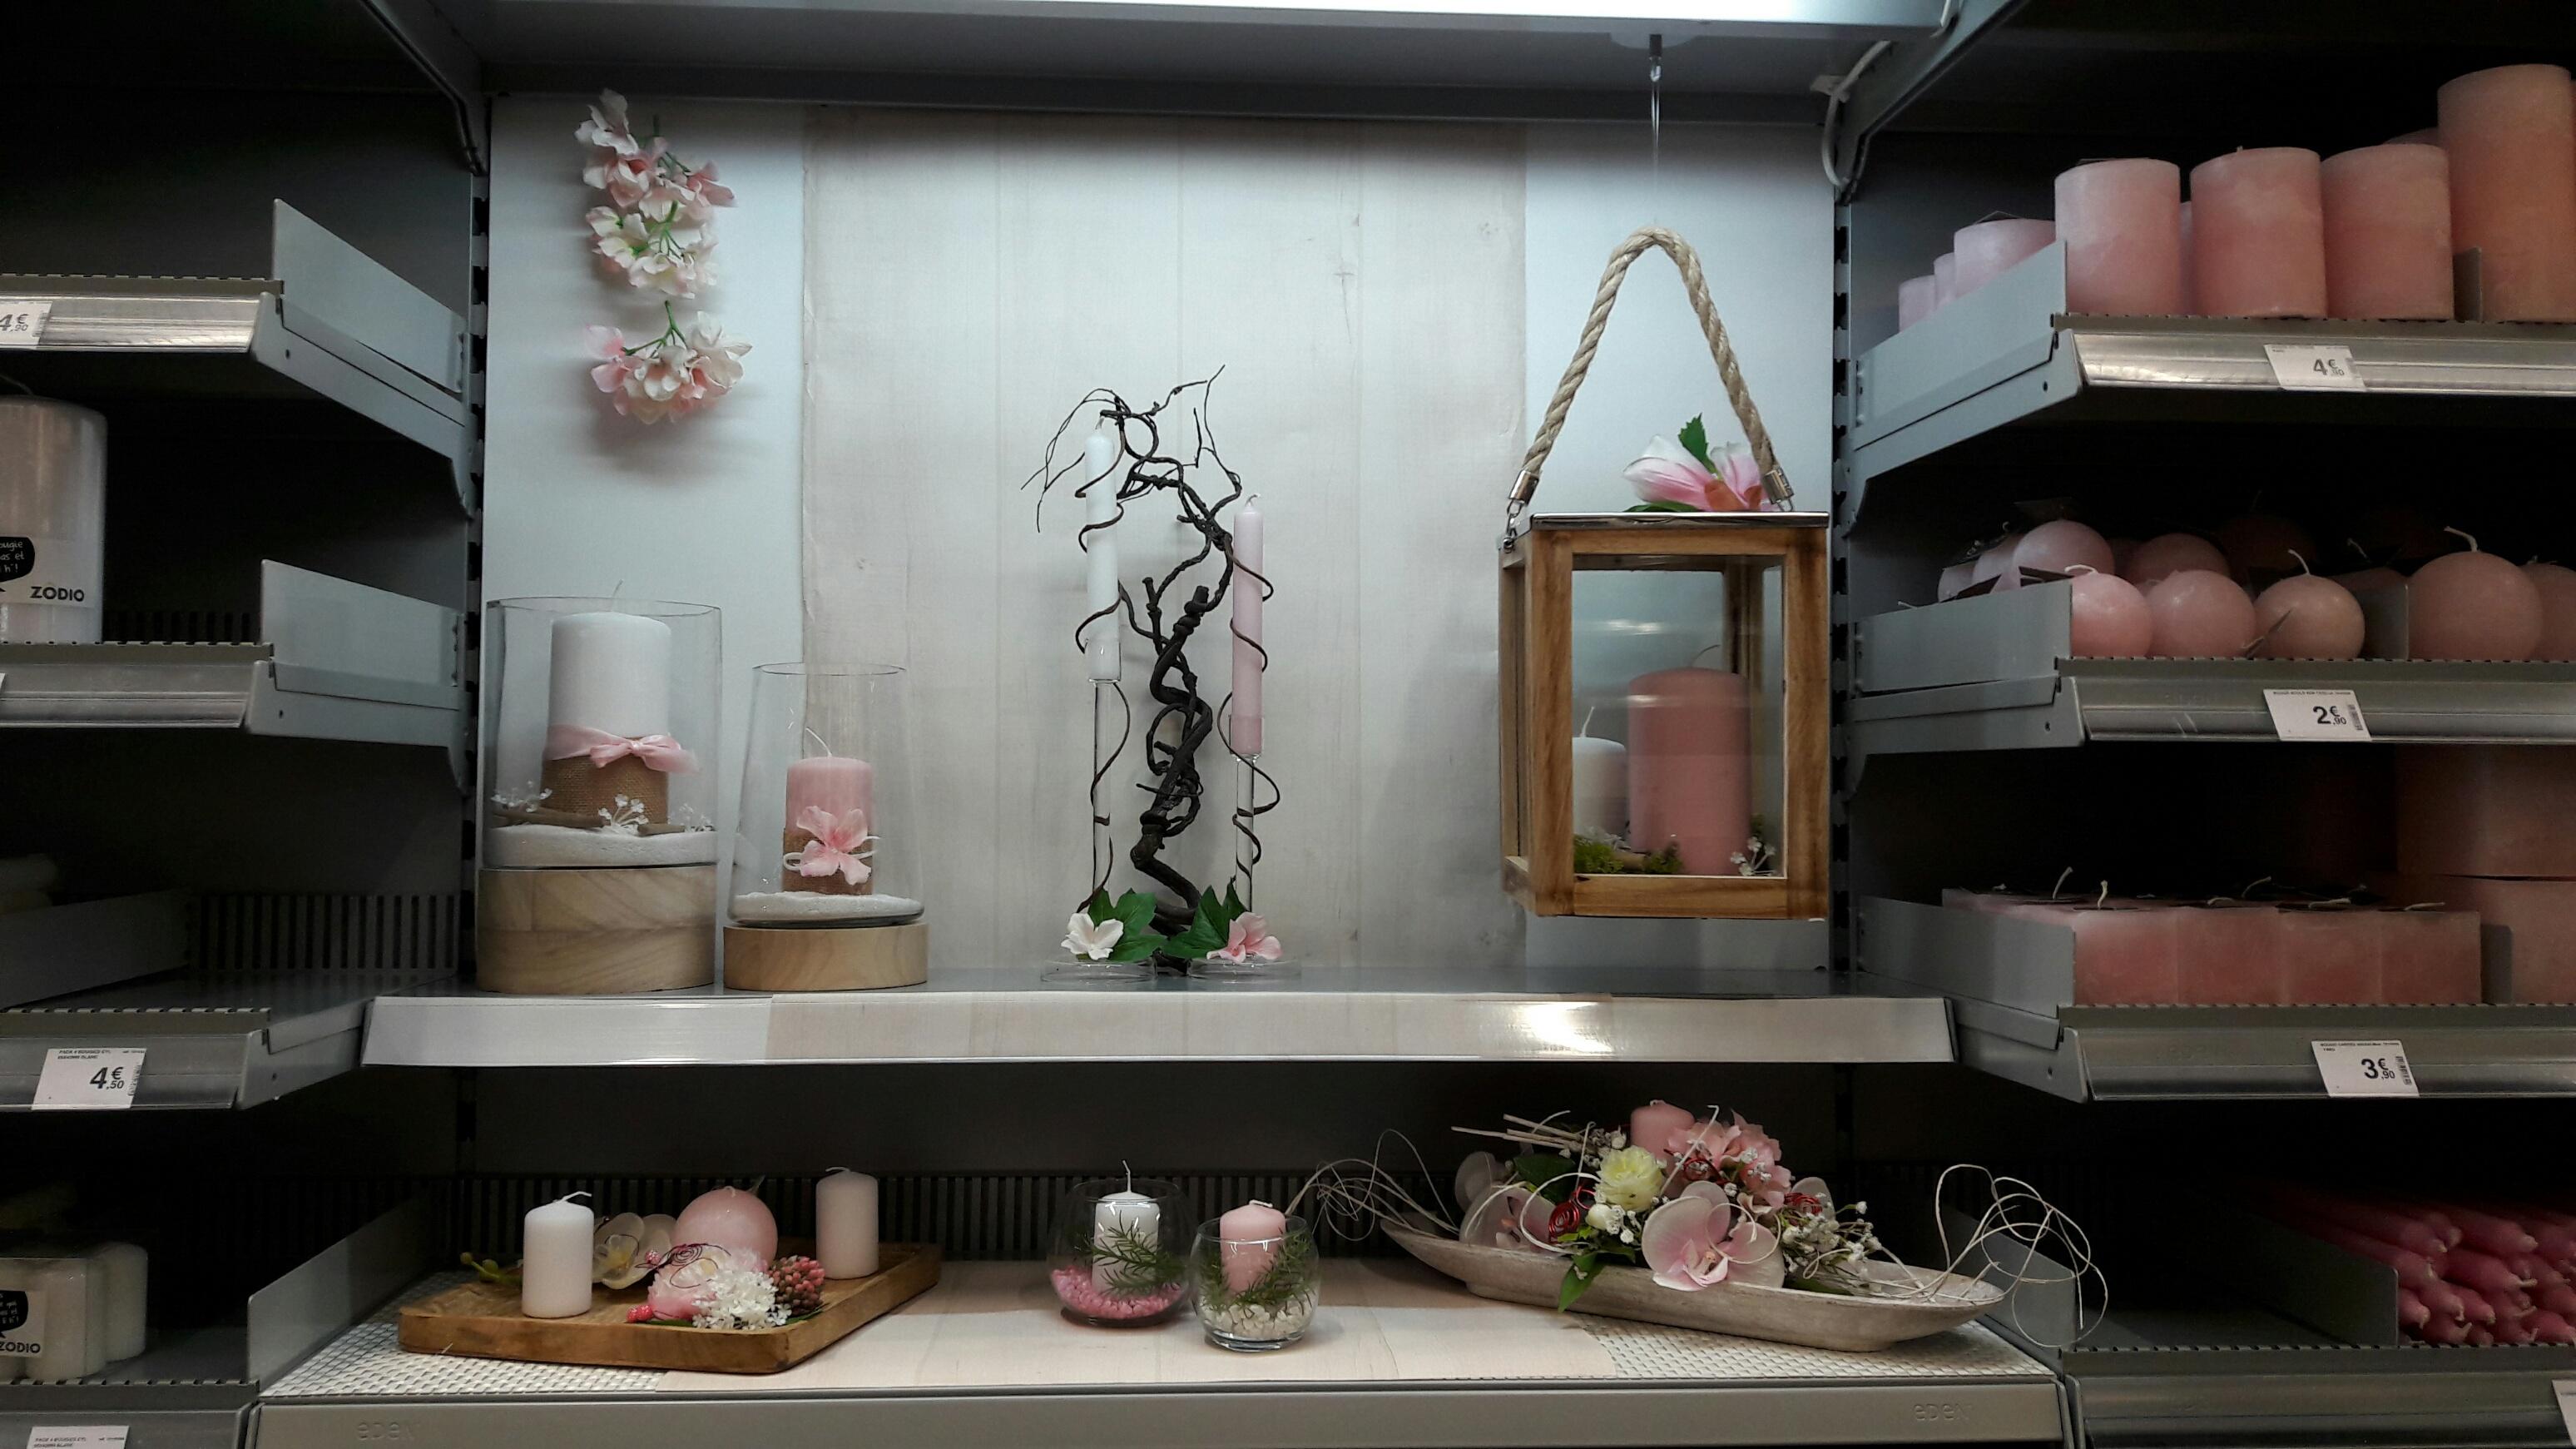 Nouveaut les bougies zodio blog z dio - Zodio chambourcy atelier cuisine ...